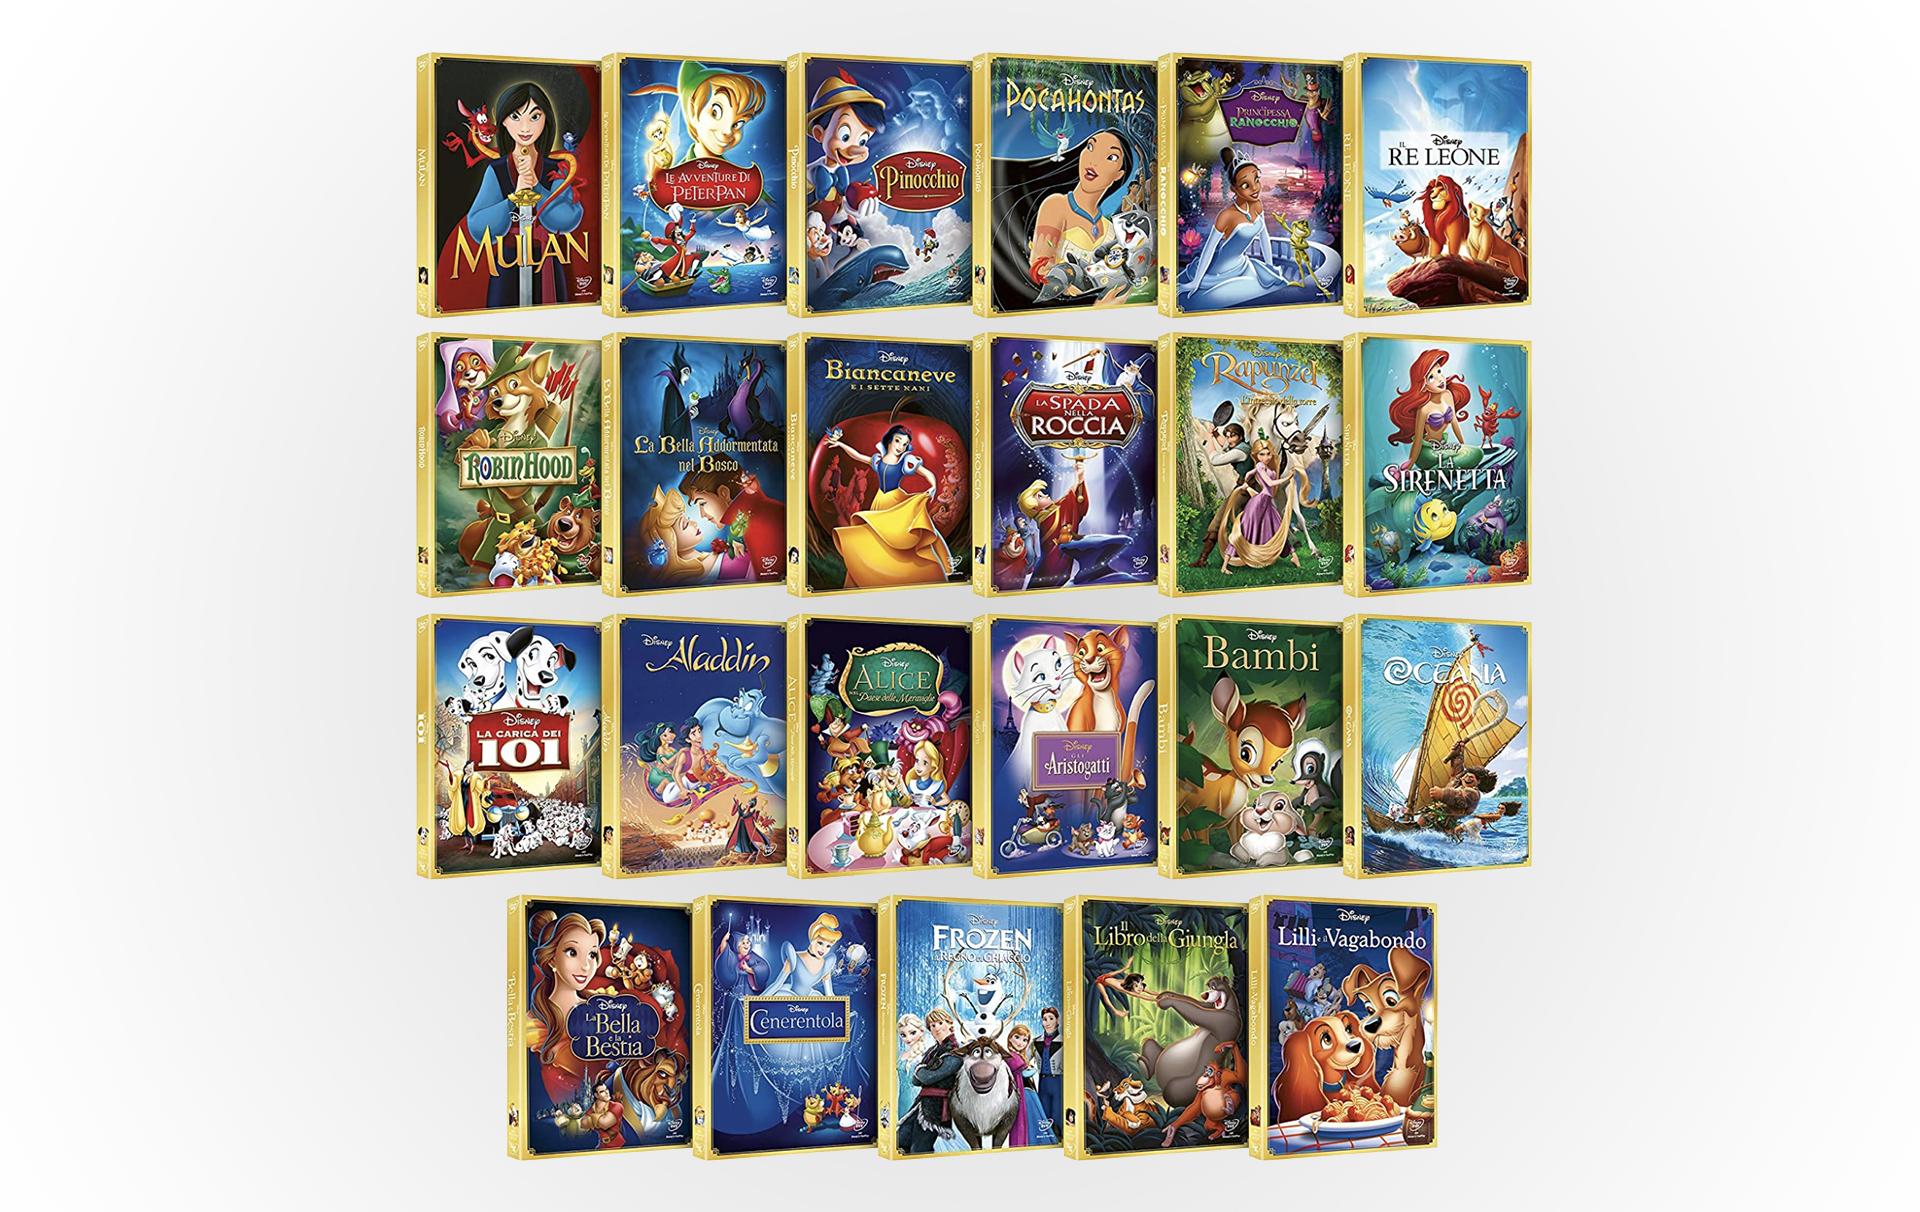 I 23 Classici Disney DVD in super offerta su Amazon, idea regalo last minute